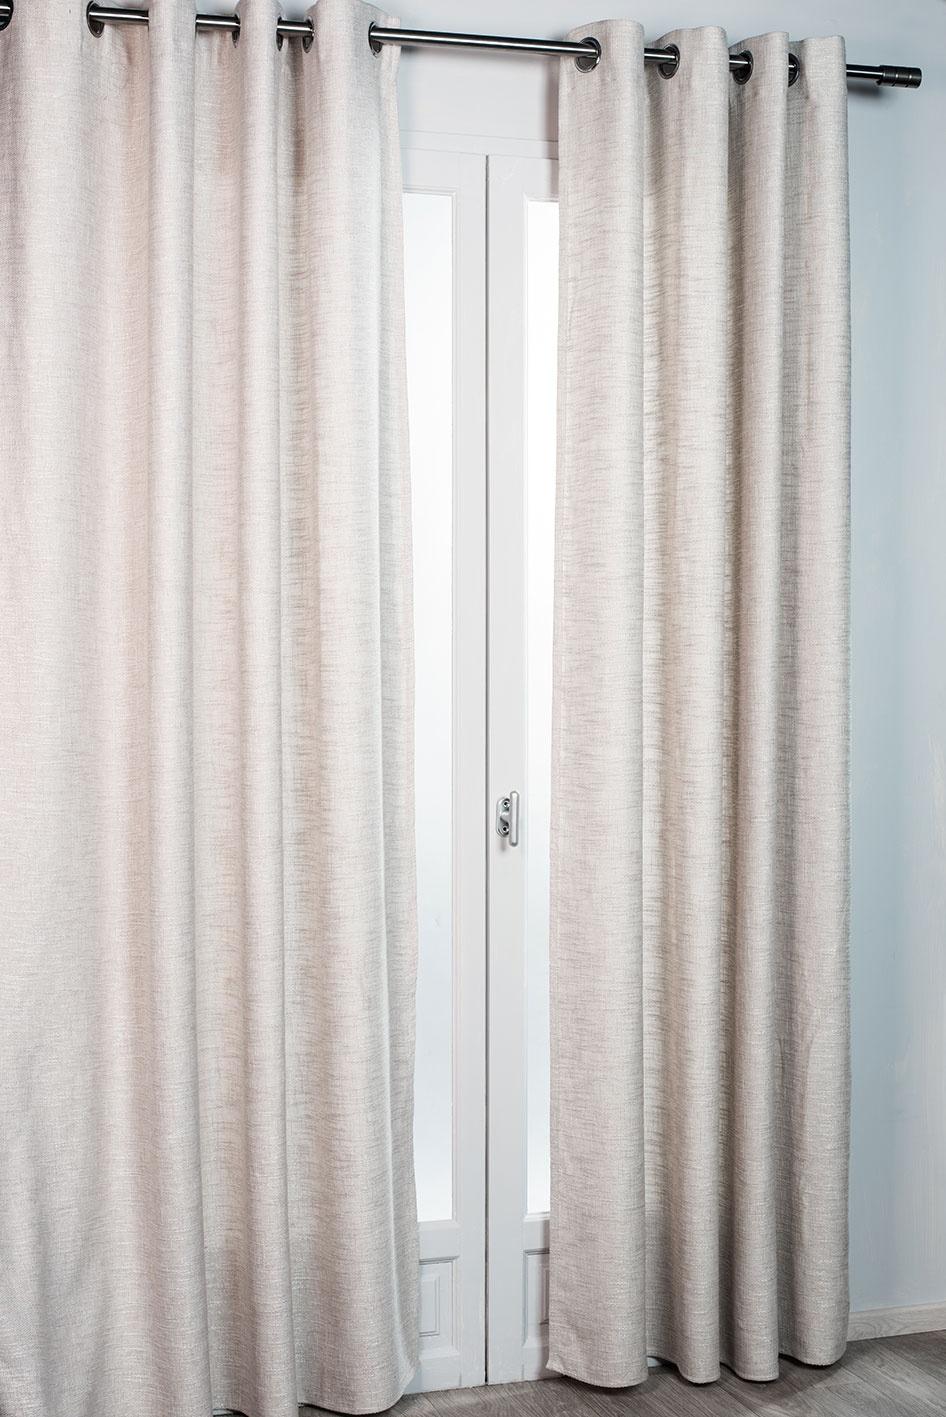 Rideau d'ameublement aspect laine chinée (Beige)